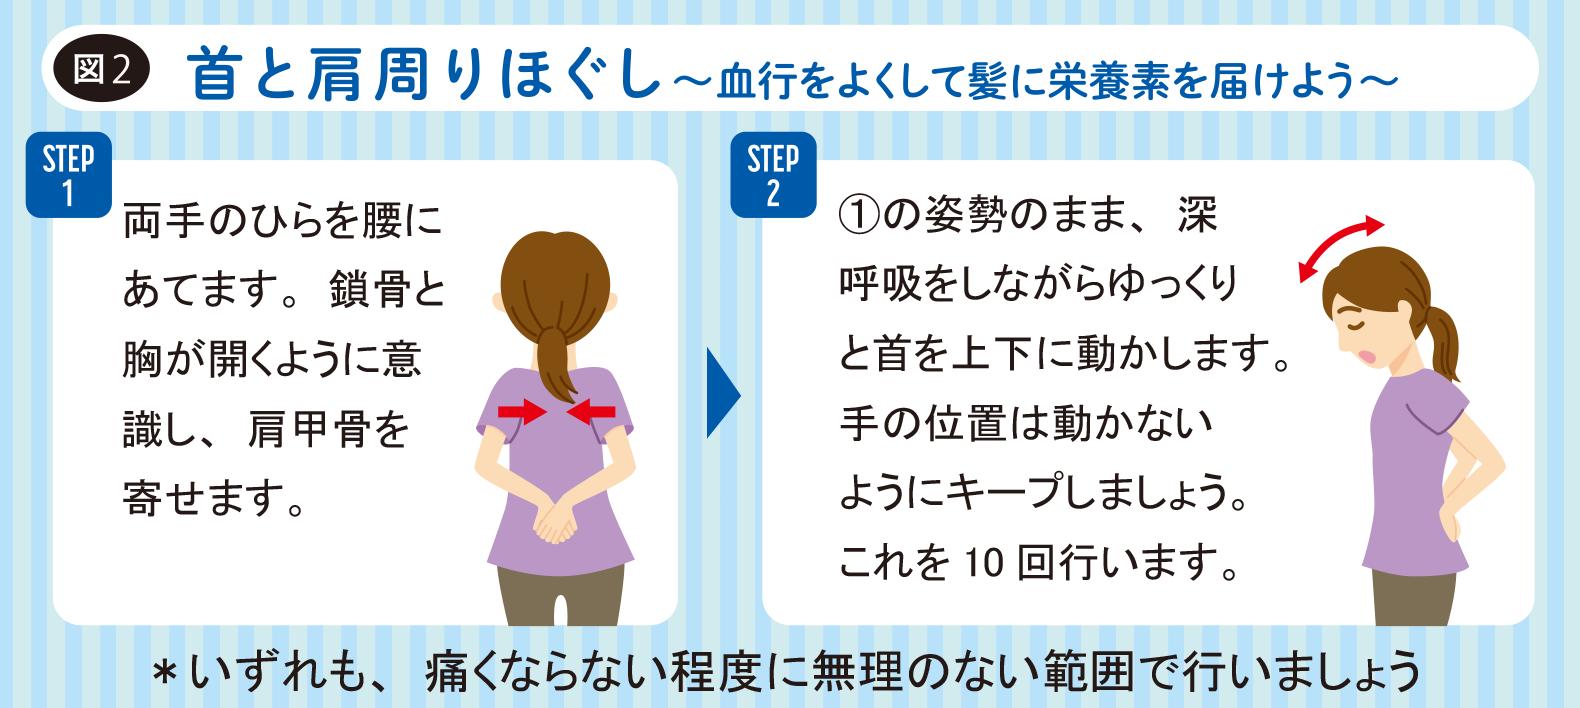 図2 首と肩周りほぐし(月刊みすみ2018年9月号流用)